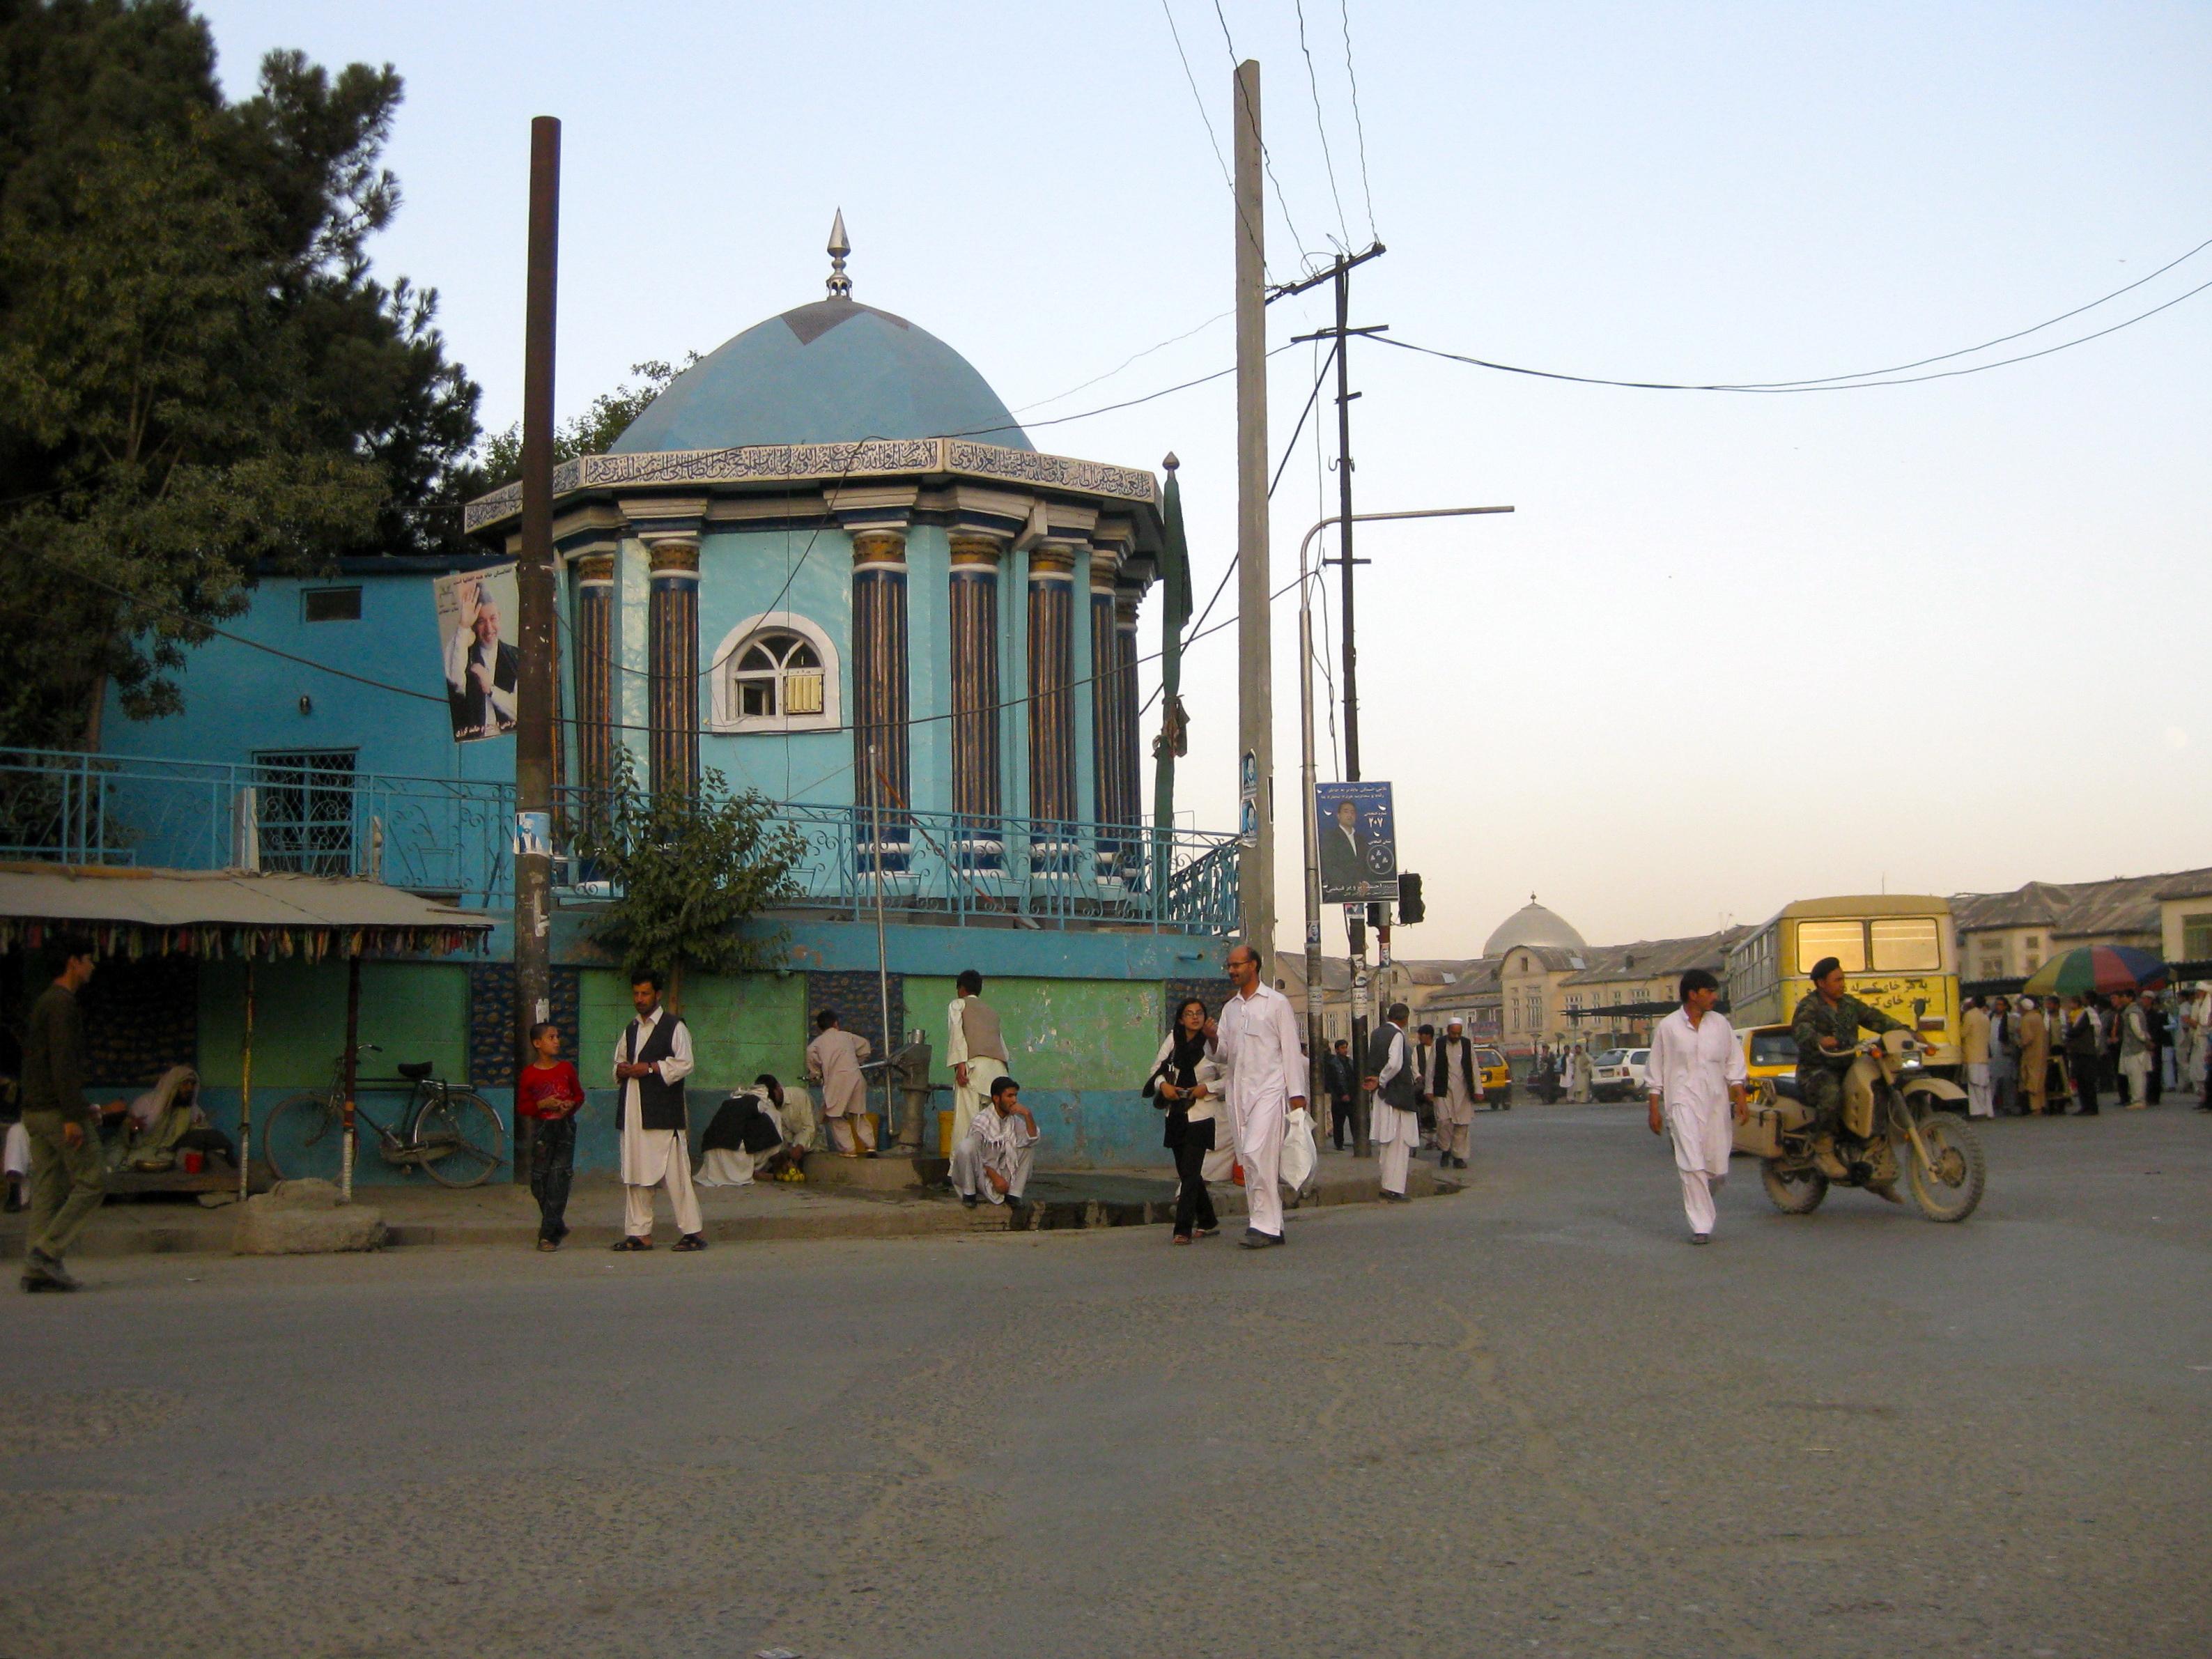 Blue masjid